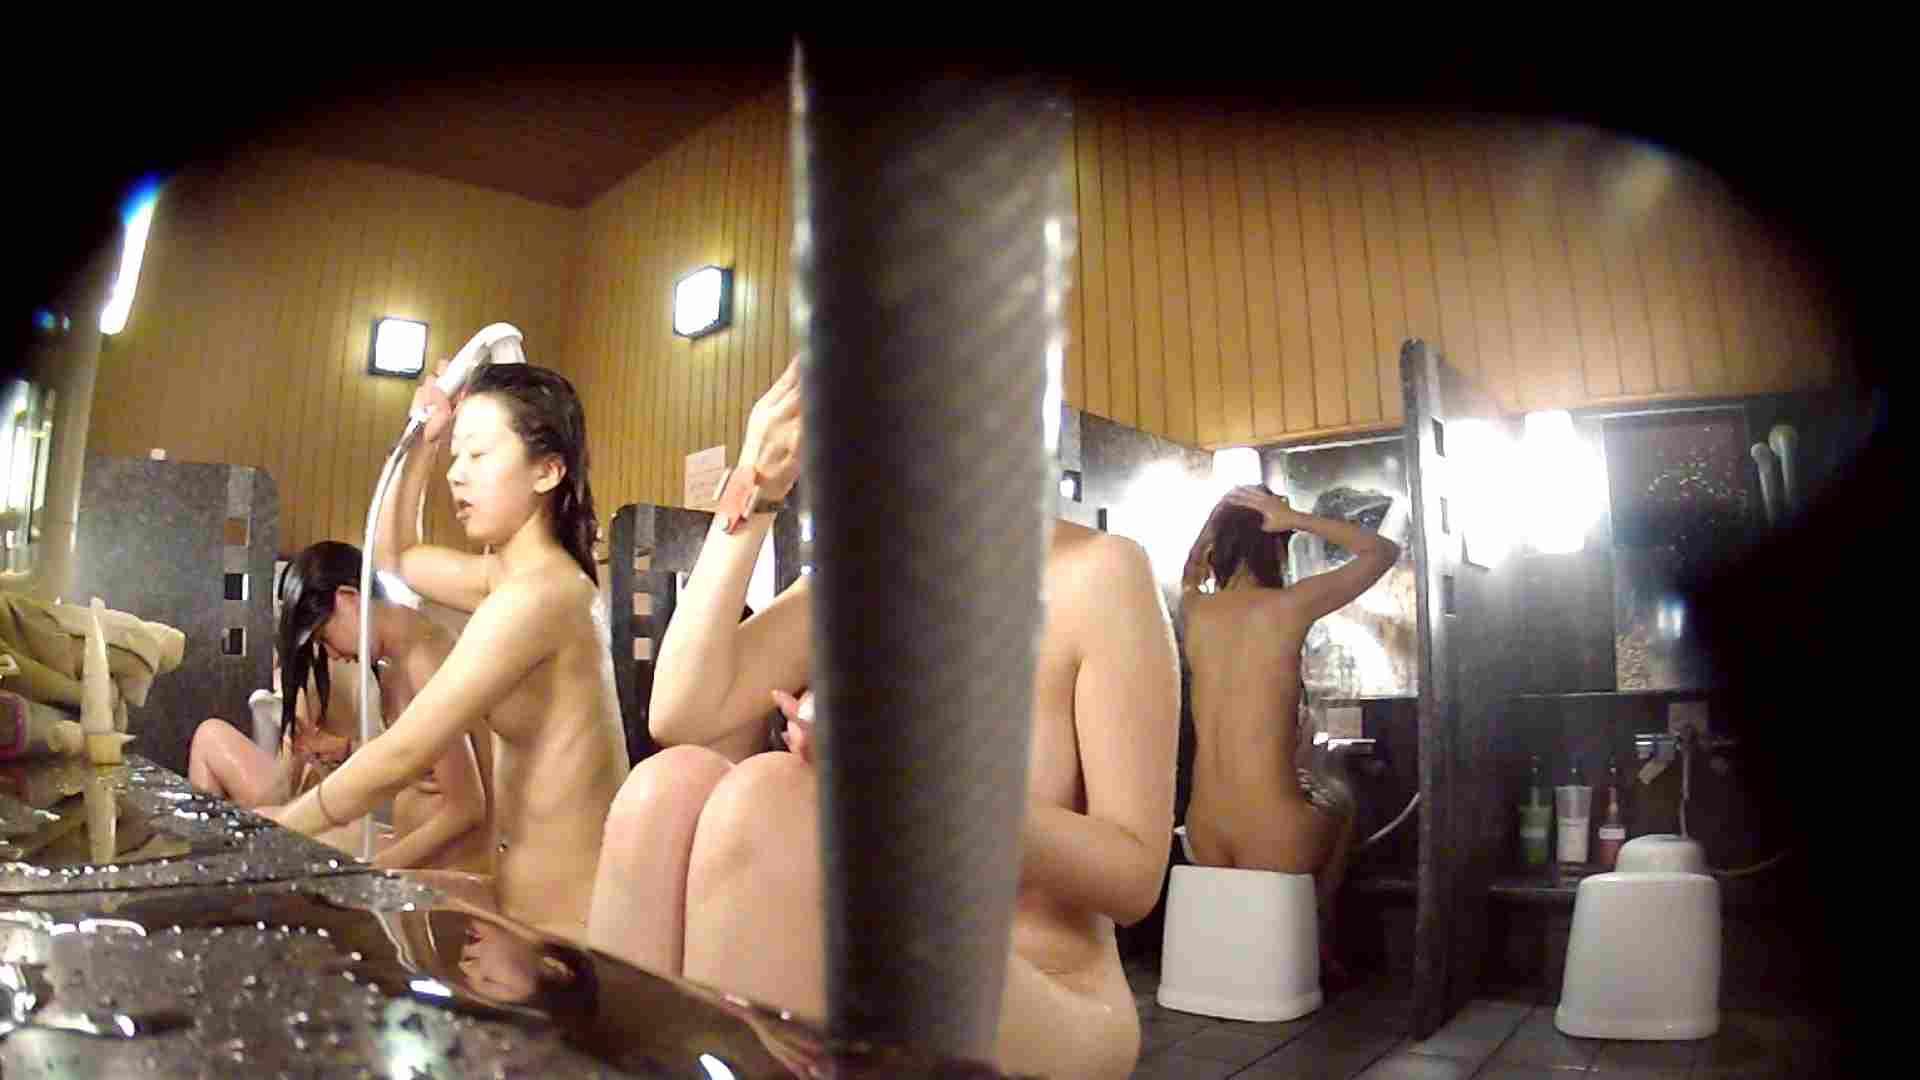 ハイビジョン 洗い場!ちょっとケバいですが、美乳です!ホースが・・・ 美肌 | 細身  86画像 39